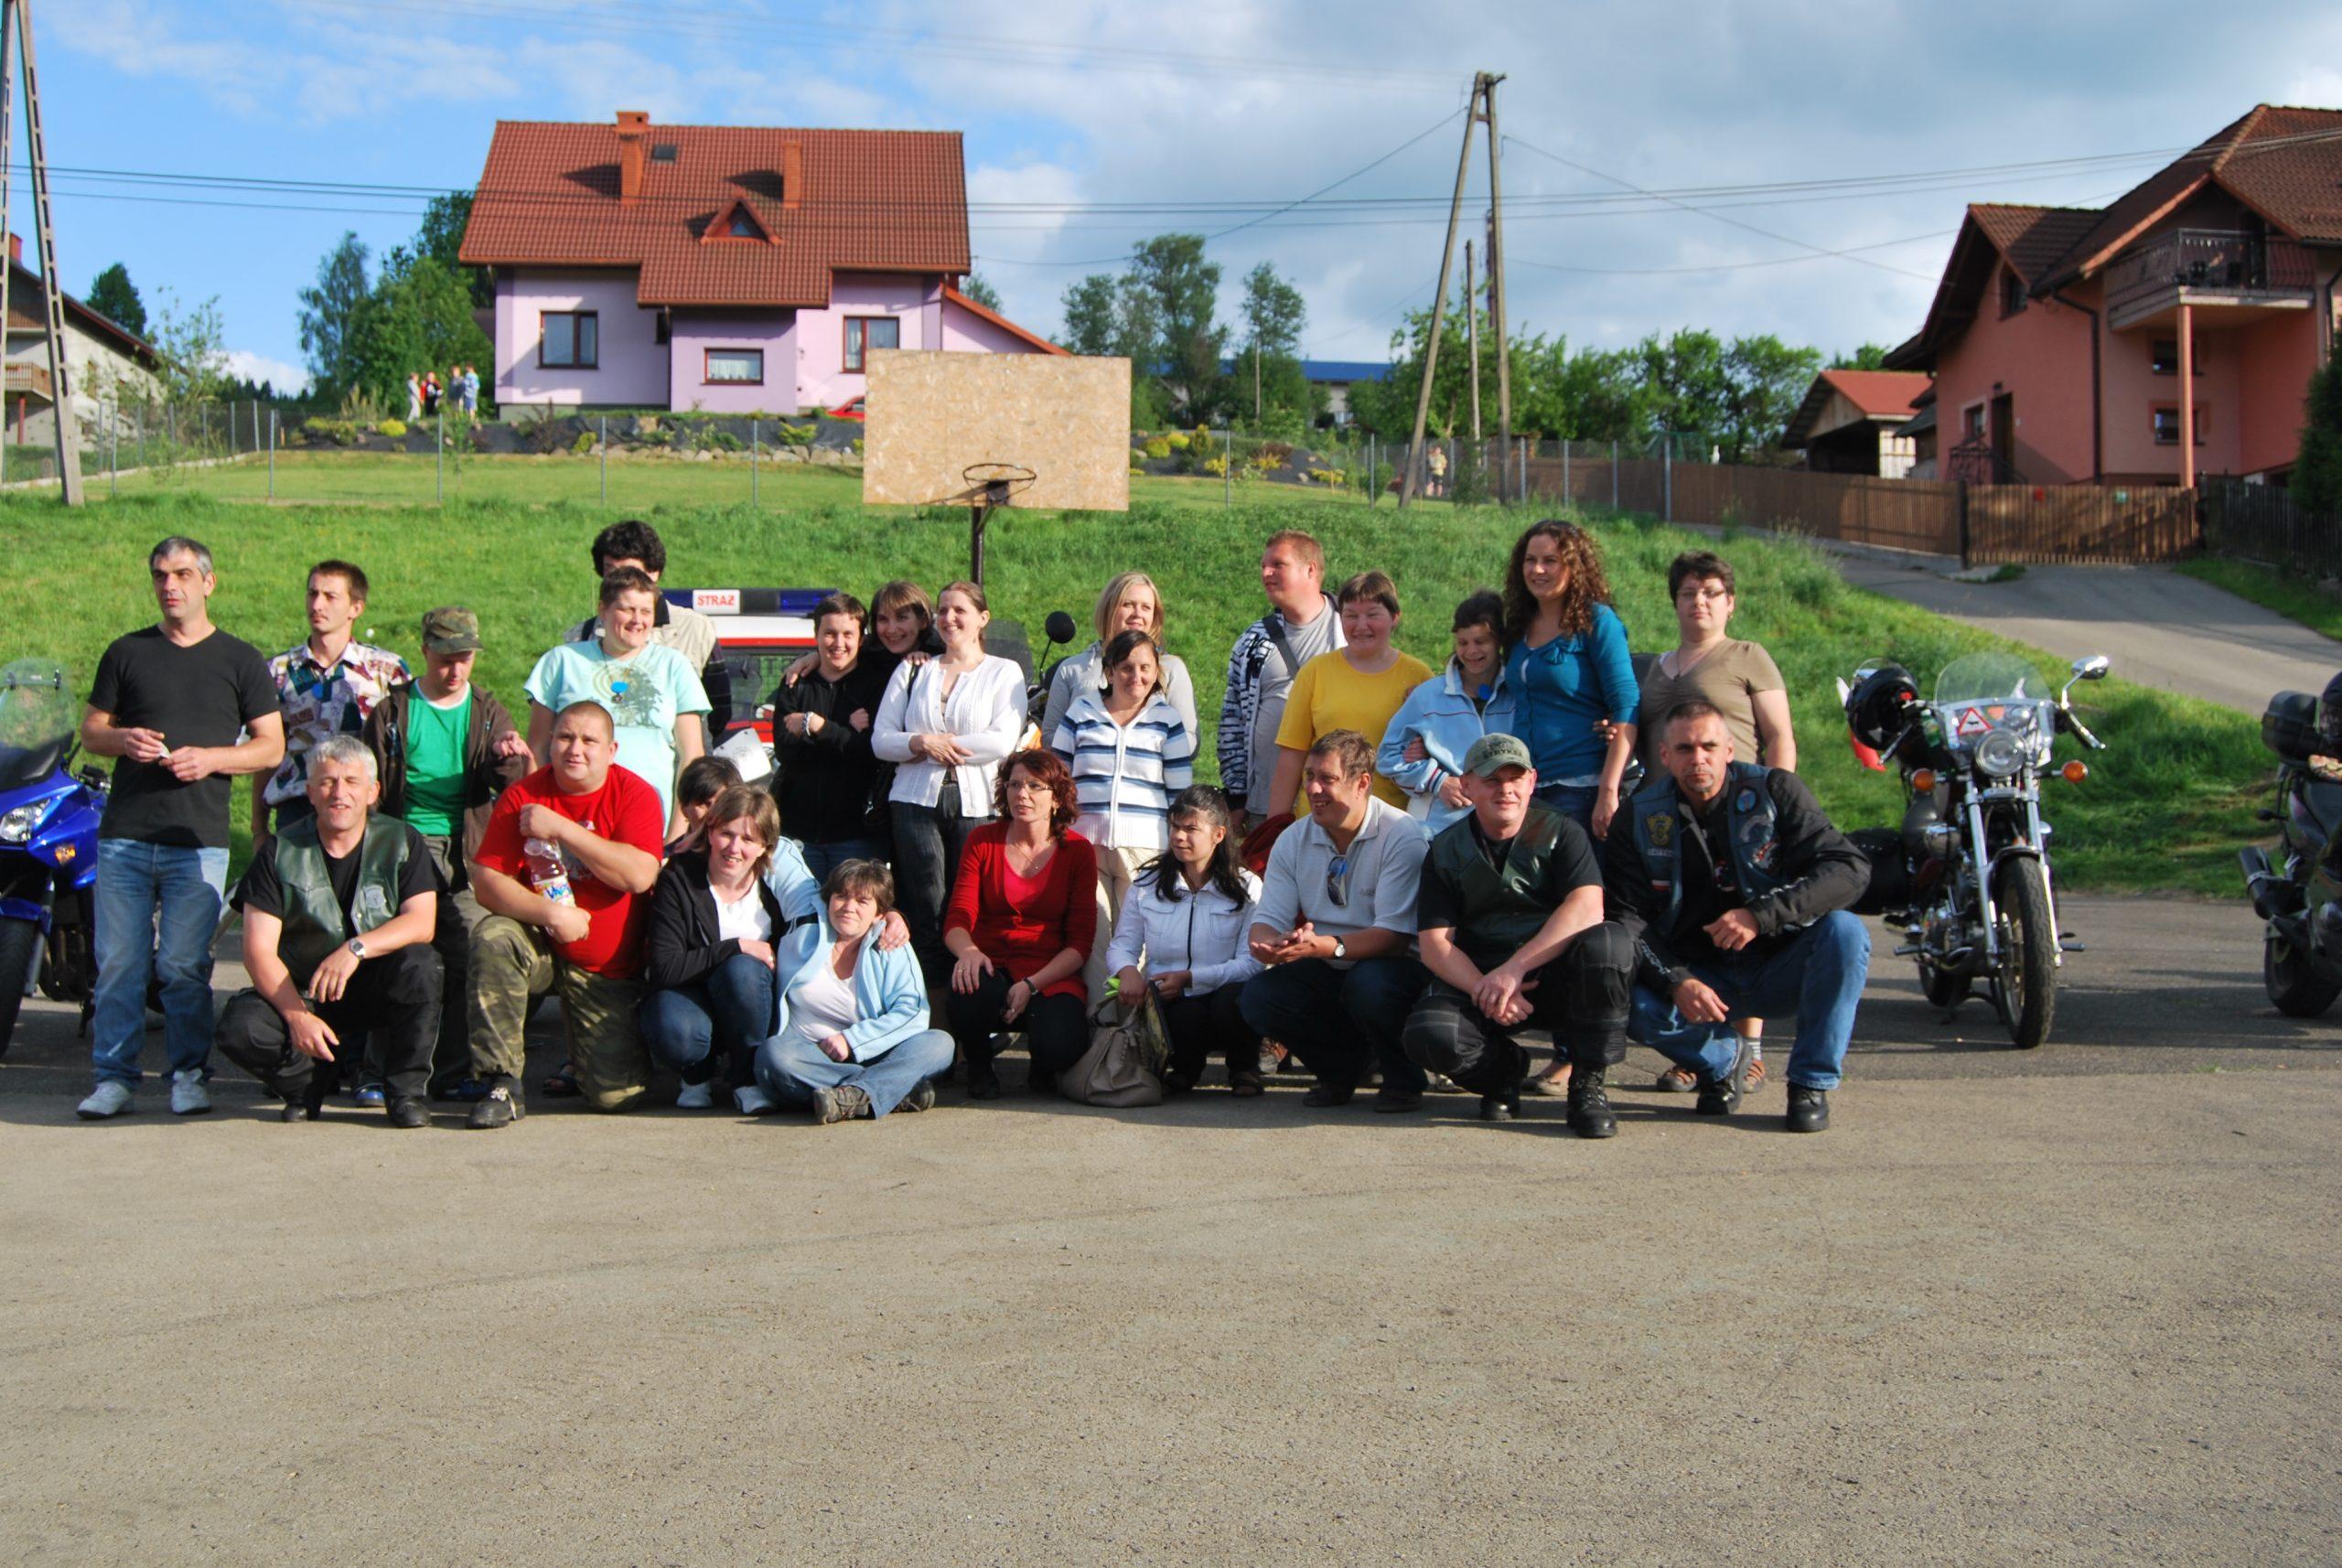 Mundurowi dla niepełnosprawnych 2012